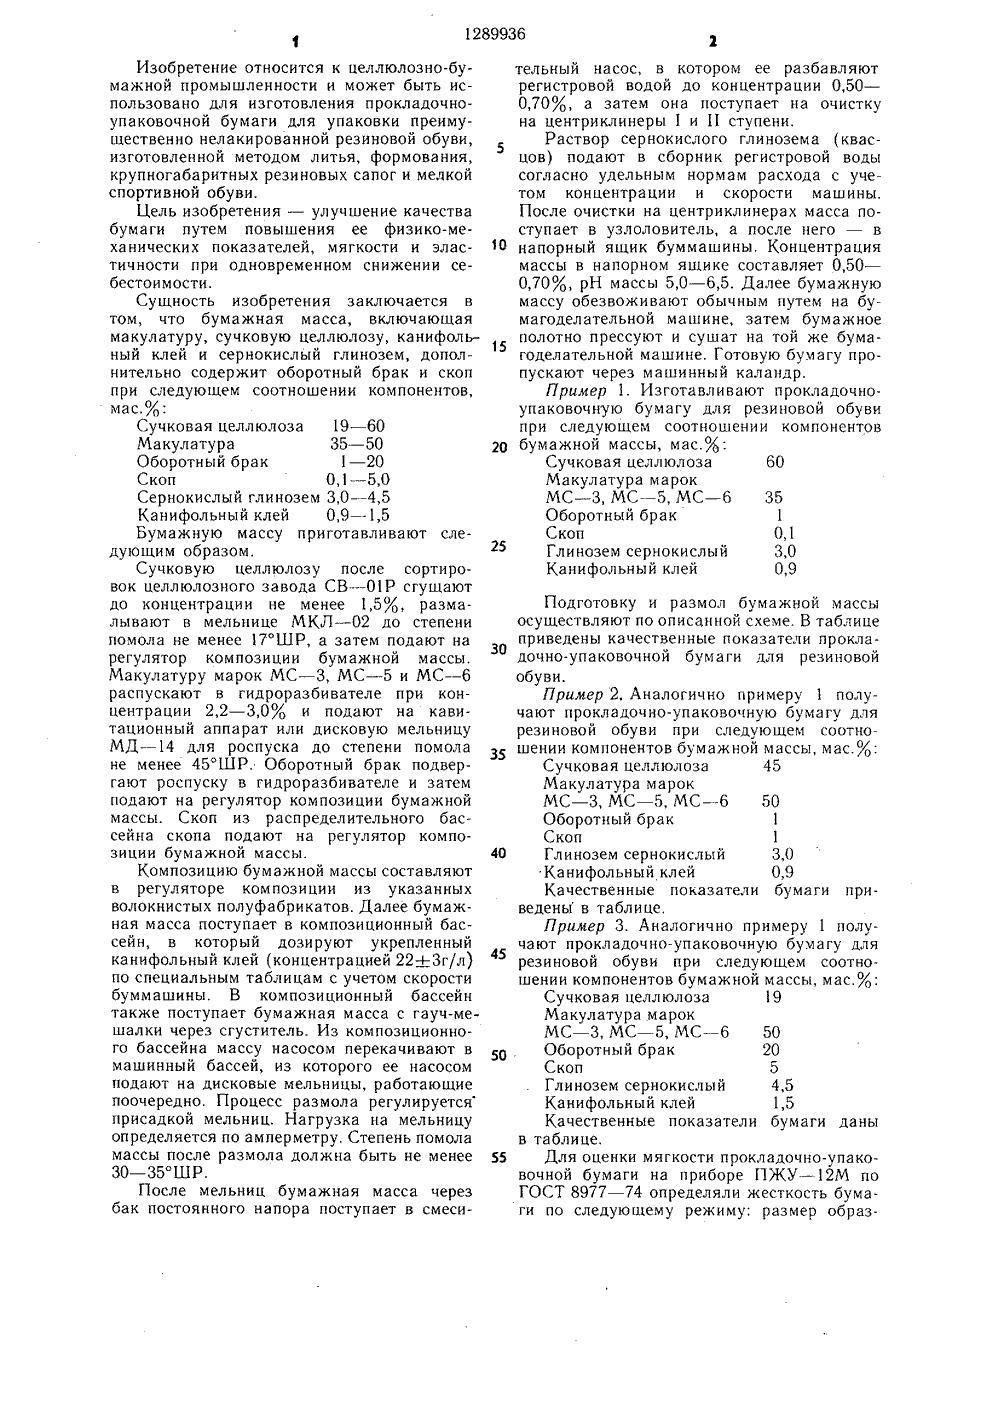 схема прибора пжу -12м